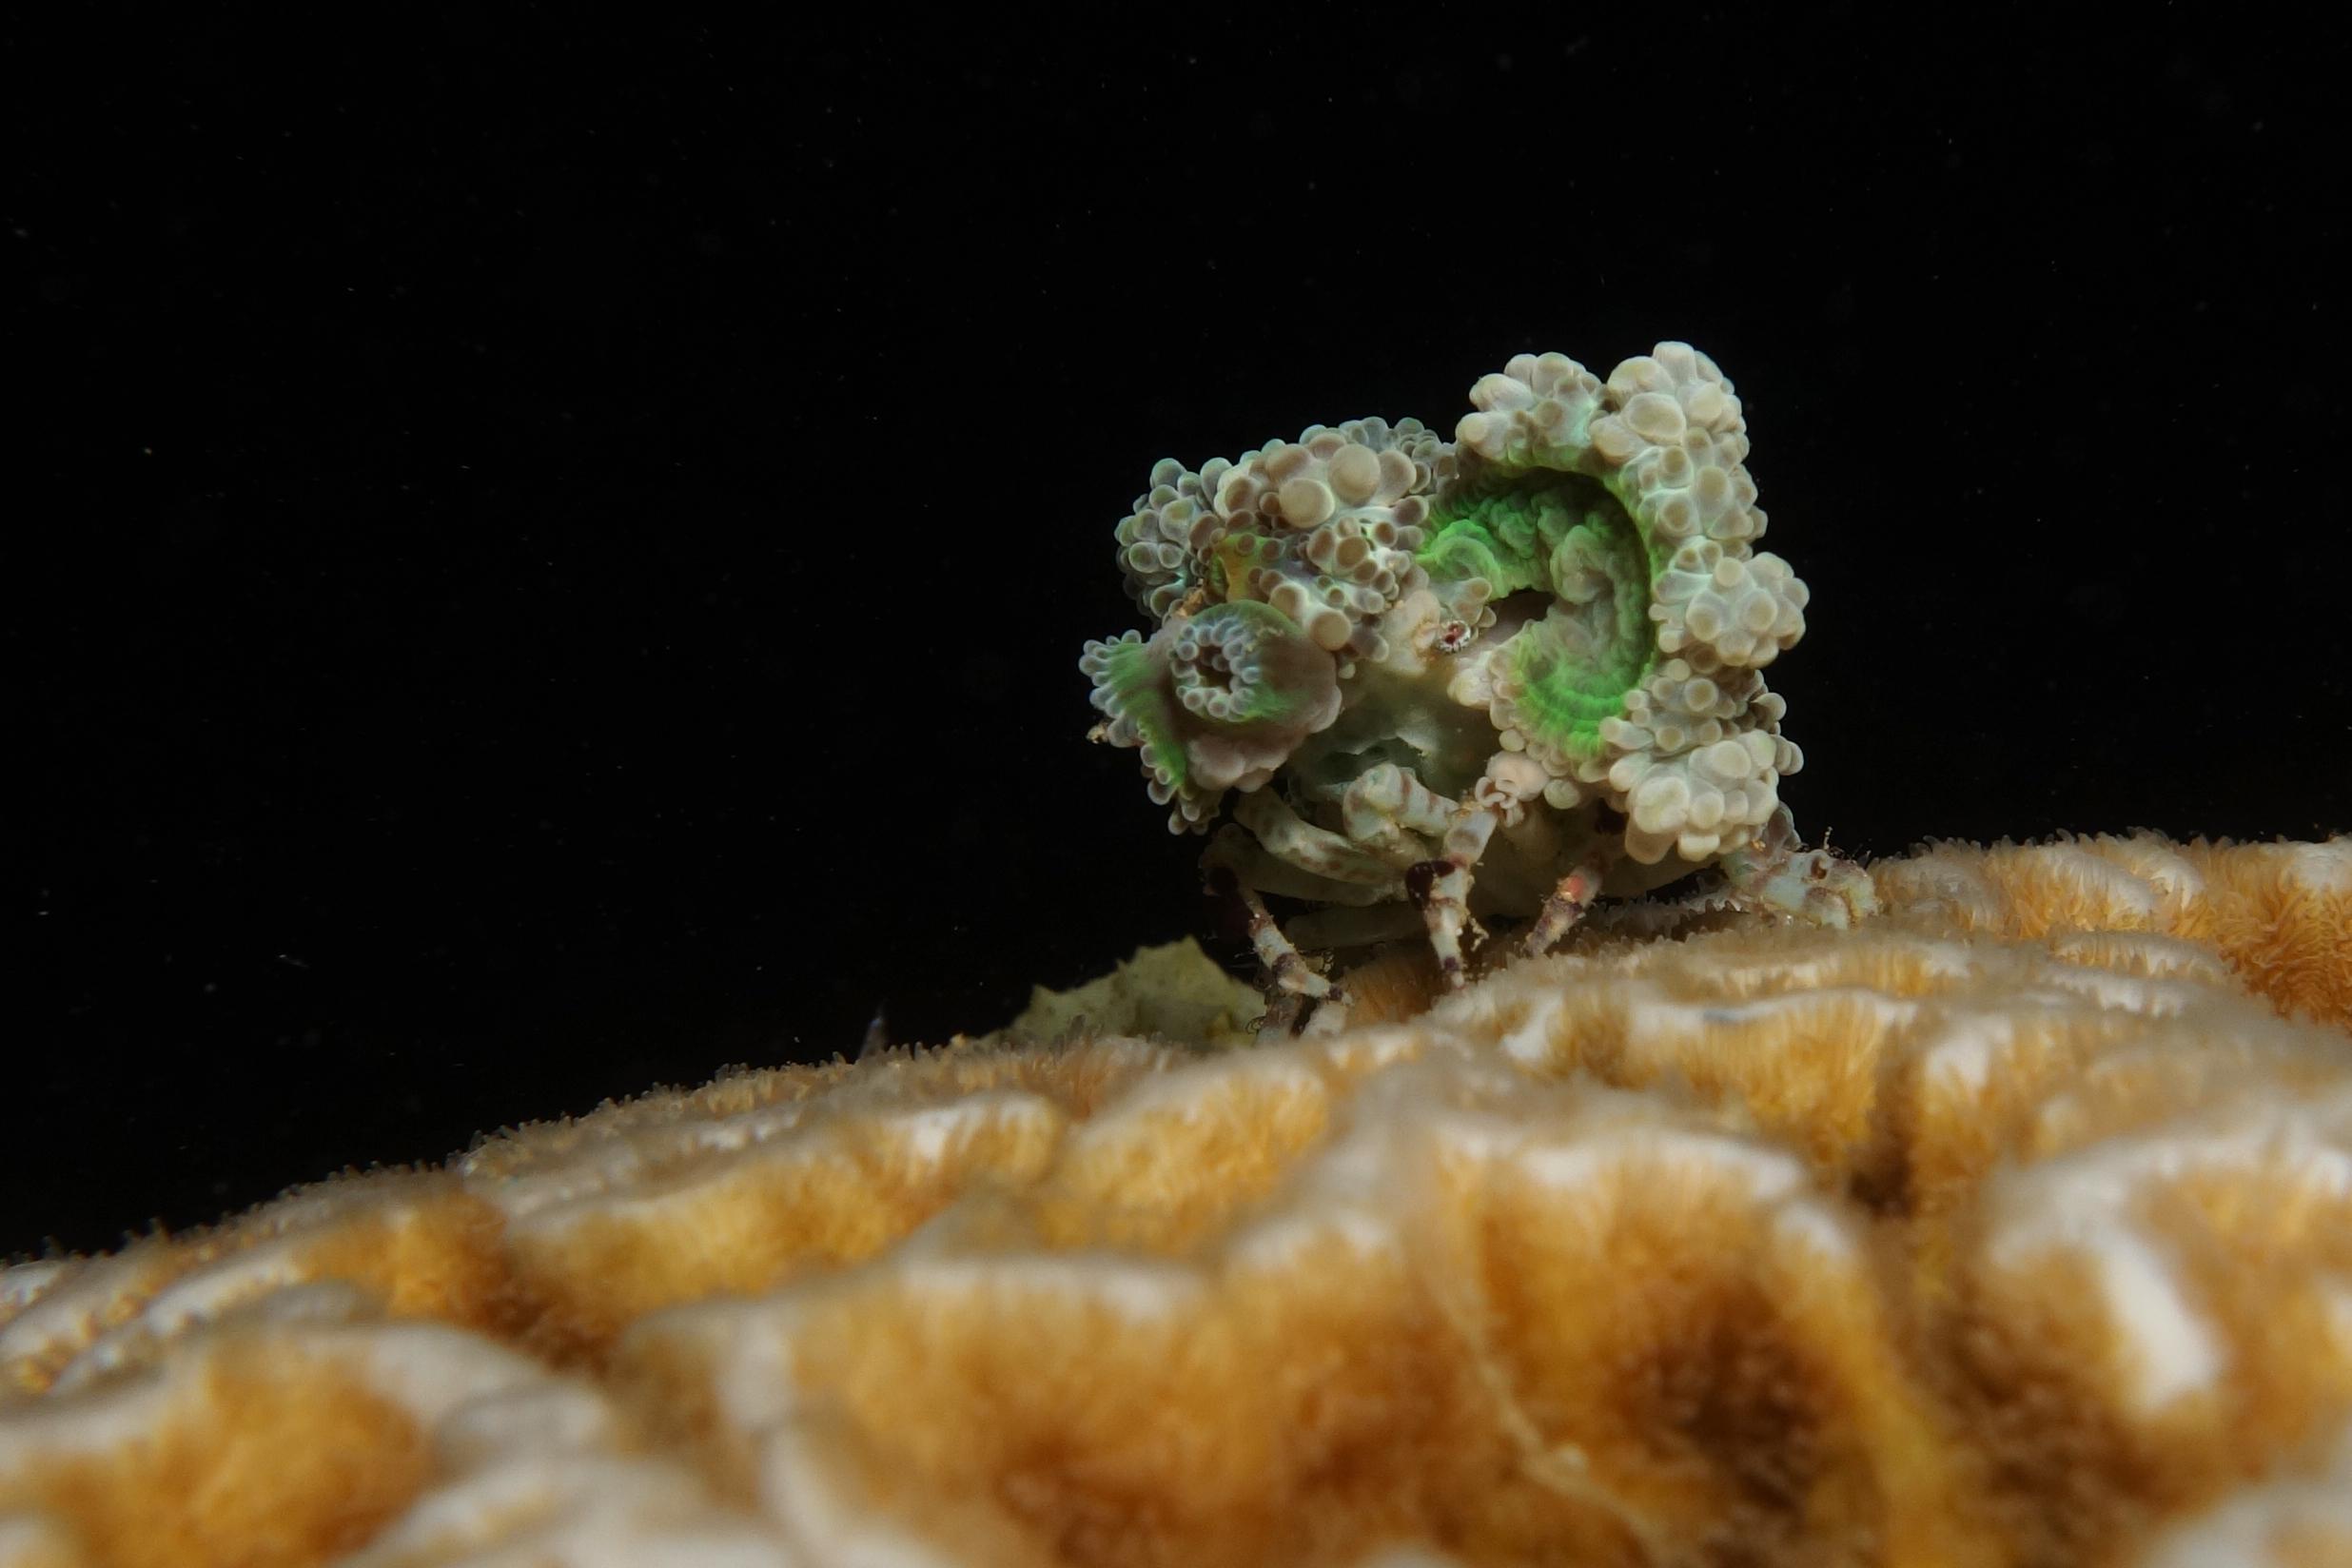 Image of Decorator crab